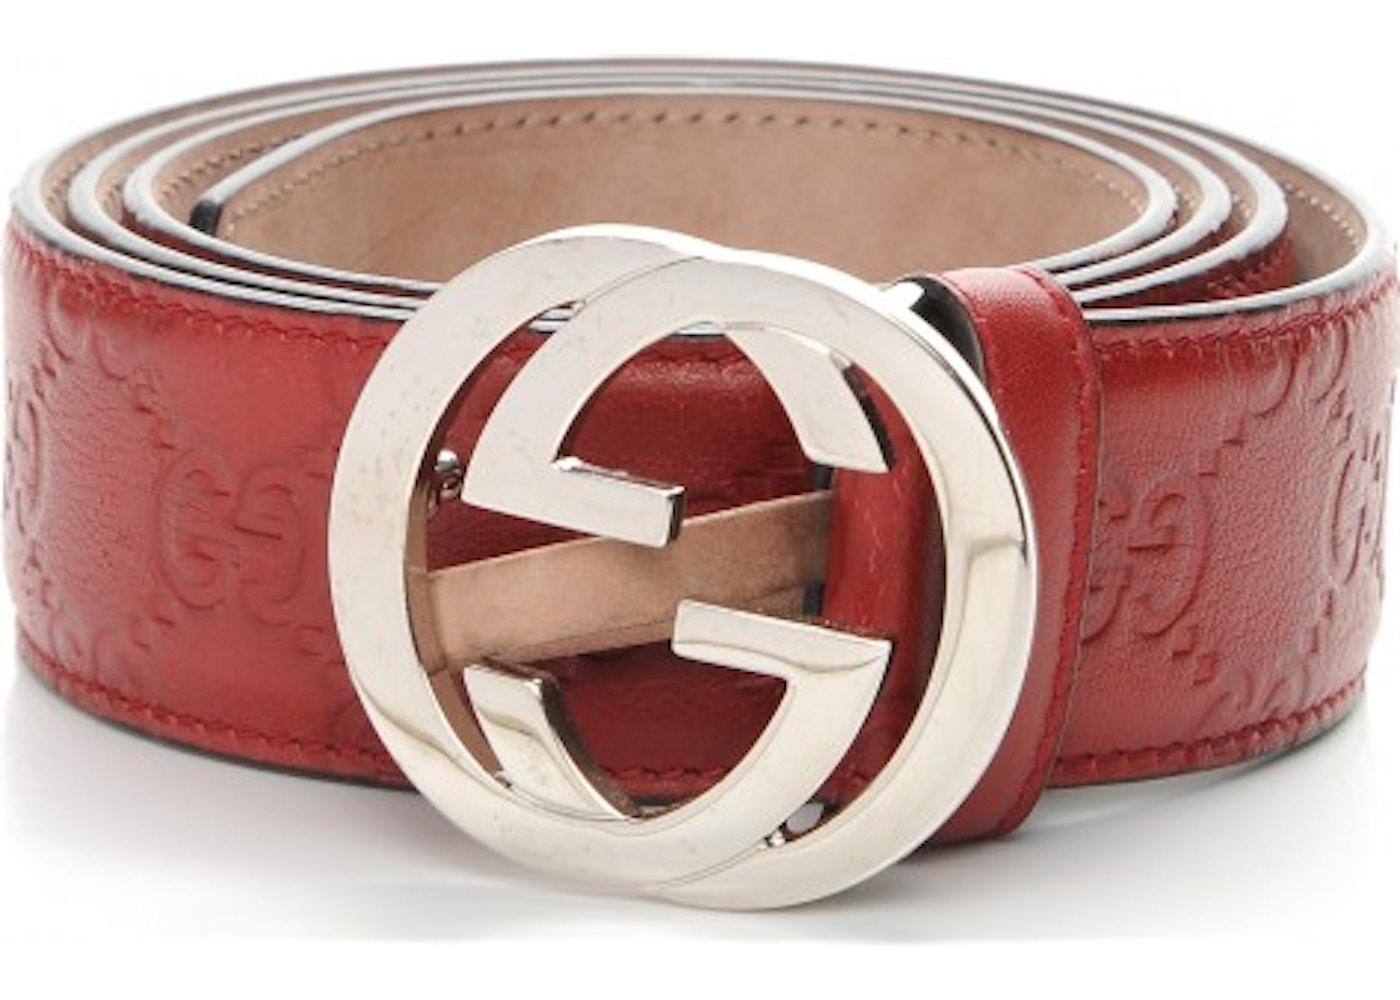 7793c7df809 Gucci Interlocking G Belt 95 Monogram Guccissima 38 Red